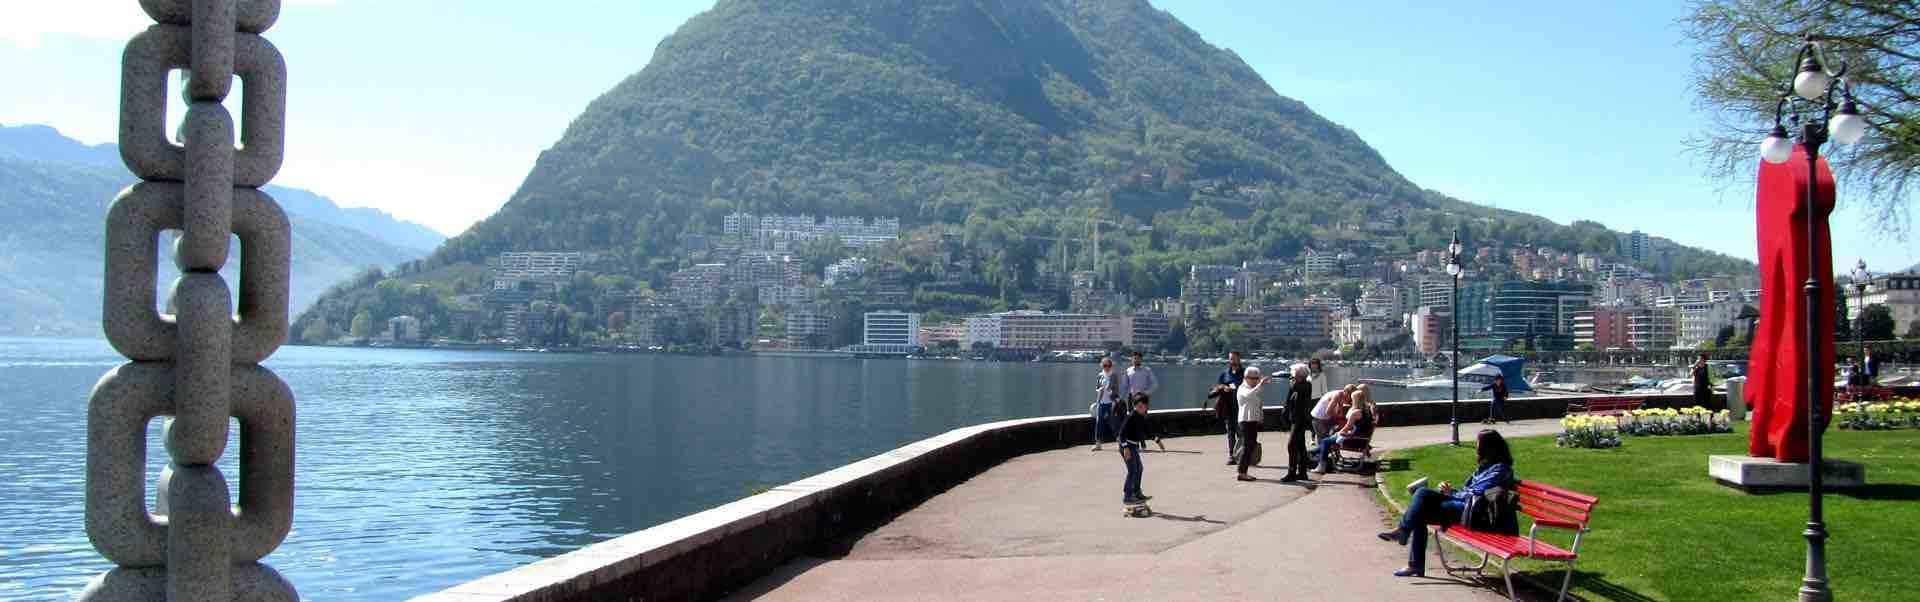 In affitto a Lugano sul lago